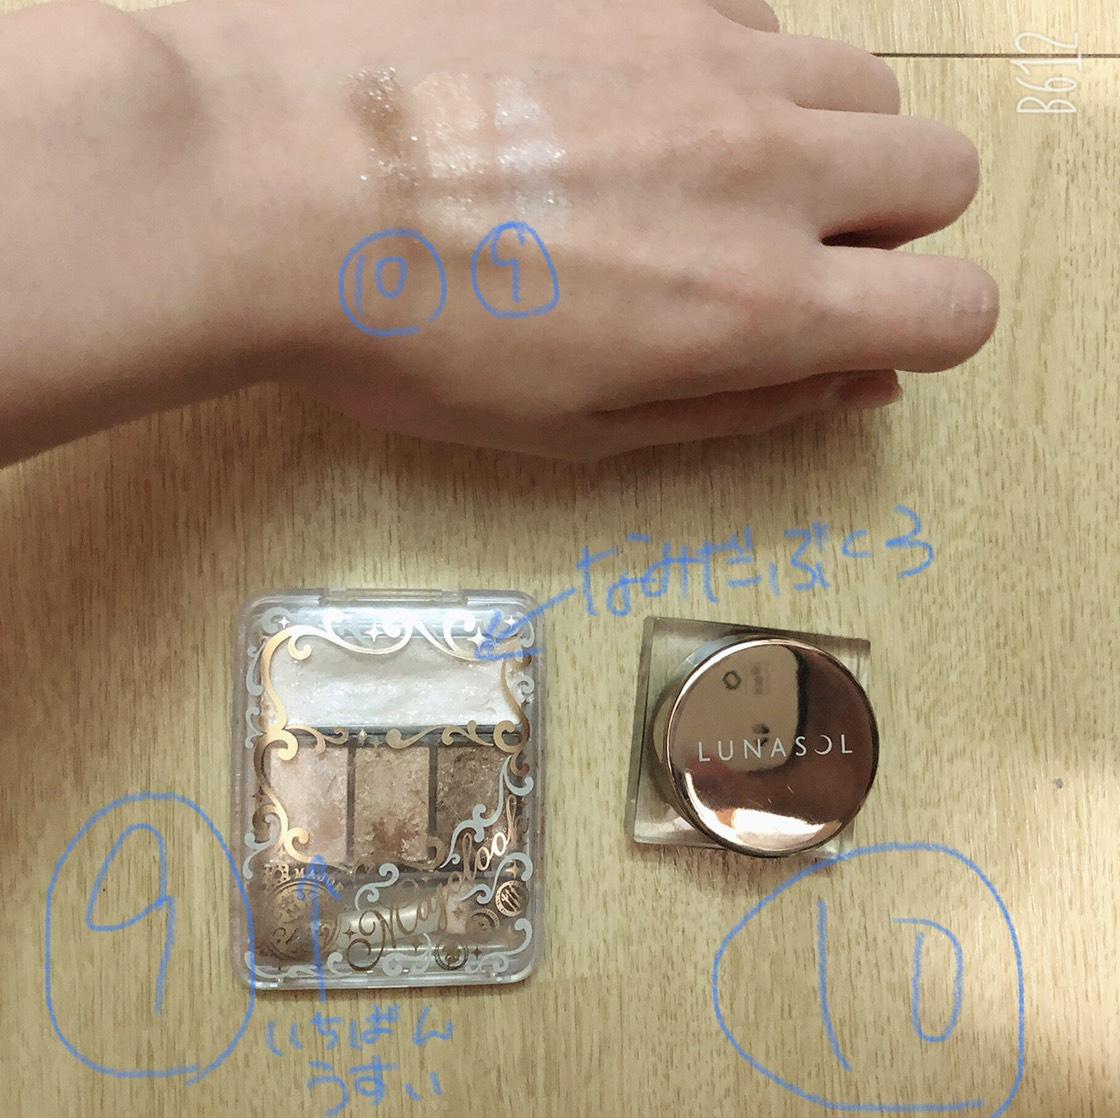 9.ルナソルの焦げ茶色を全体に薄くのせ、10.マジョ(エクセルのスキニーリッチシャドウ01と、涙袋にヴィセのシングルカラーを使用する時もあります)二重の上にのせます。9.ルナソルを今度は二重に濃くのせます。10.マジョの白を涙袋にのせます。